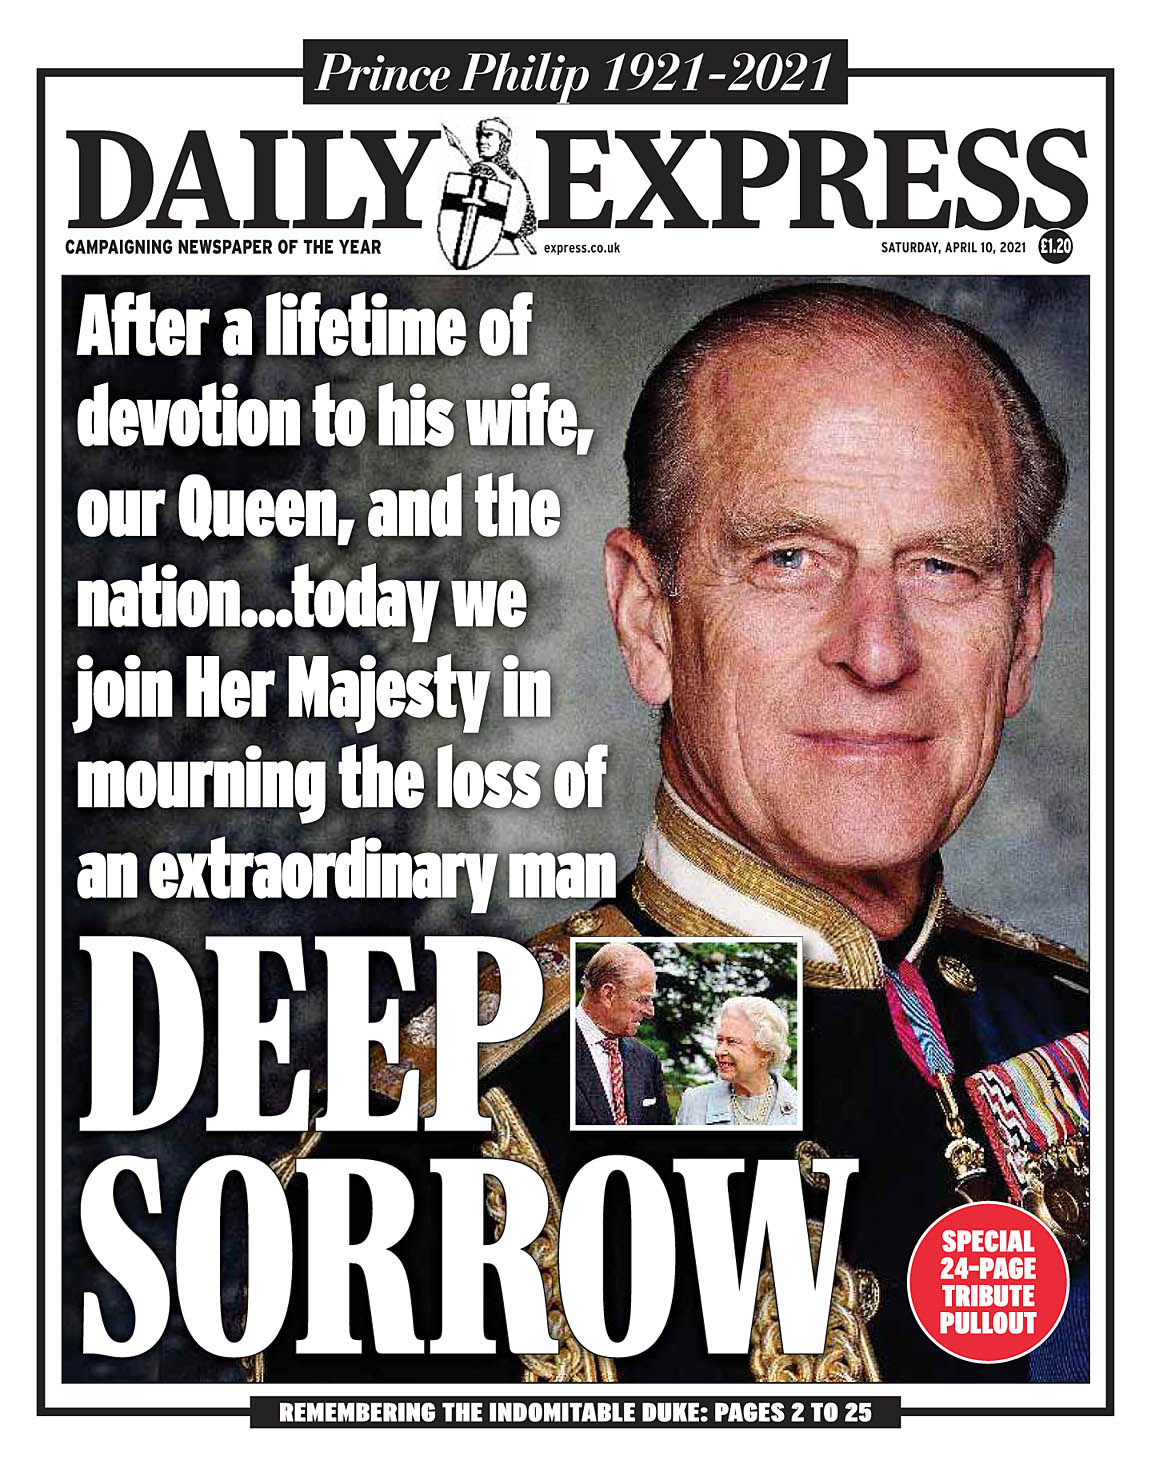 Daily Express 2021-04-10 Royal-1.jpg